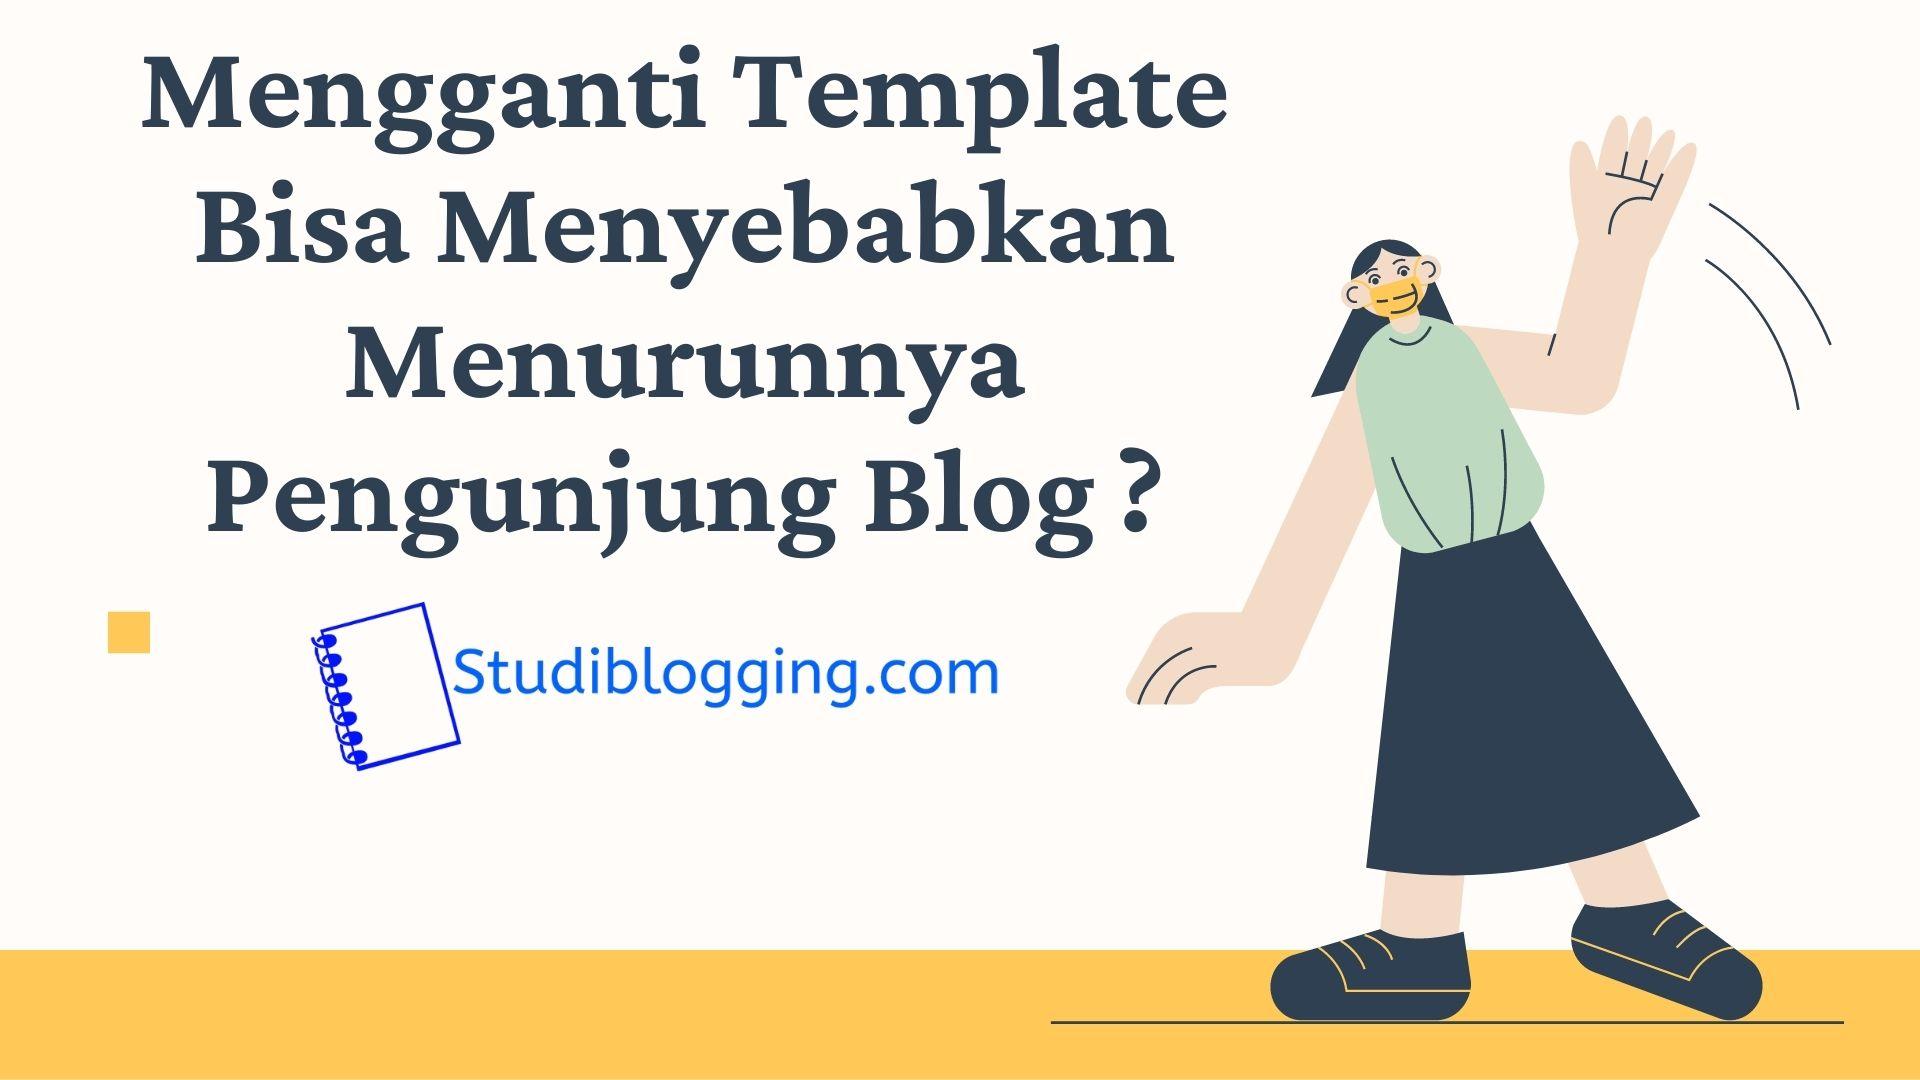 Lantas Apakah Mengganti Template Bisa Menyebabkan Menurunnya Pengunjung Blog ?